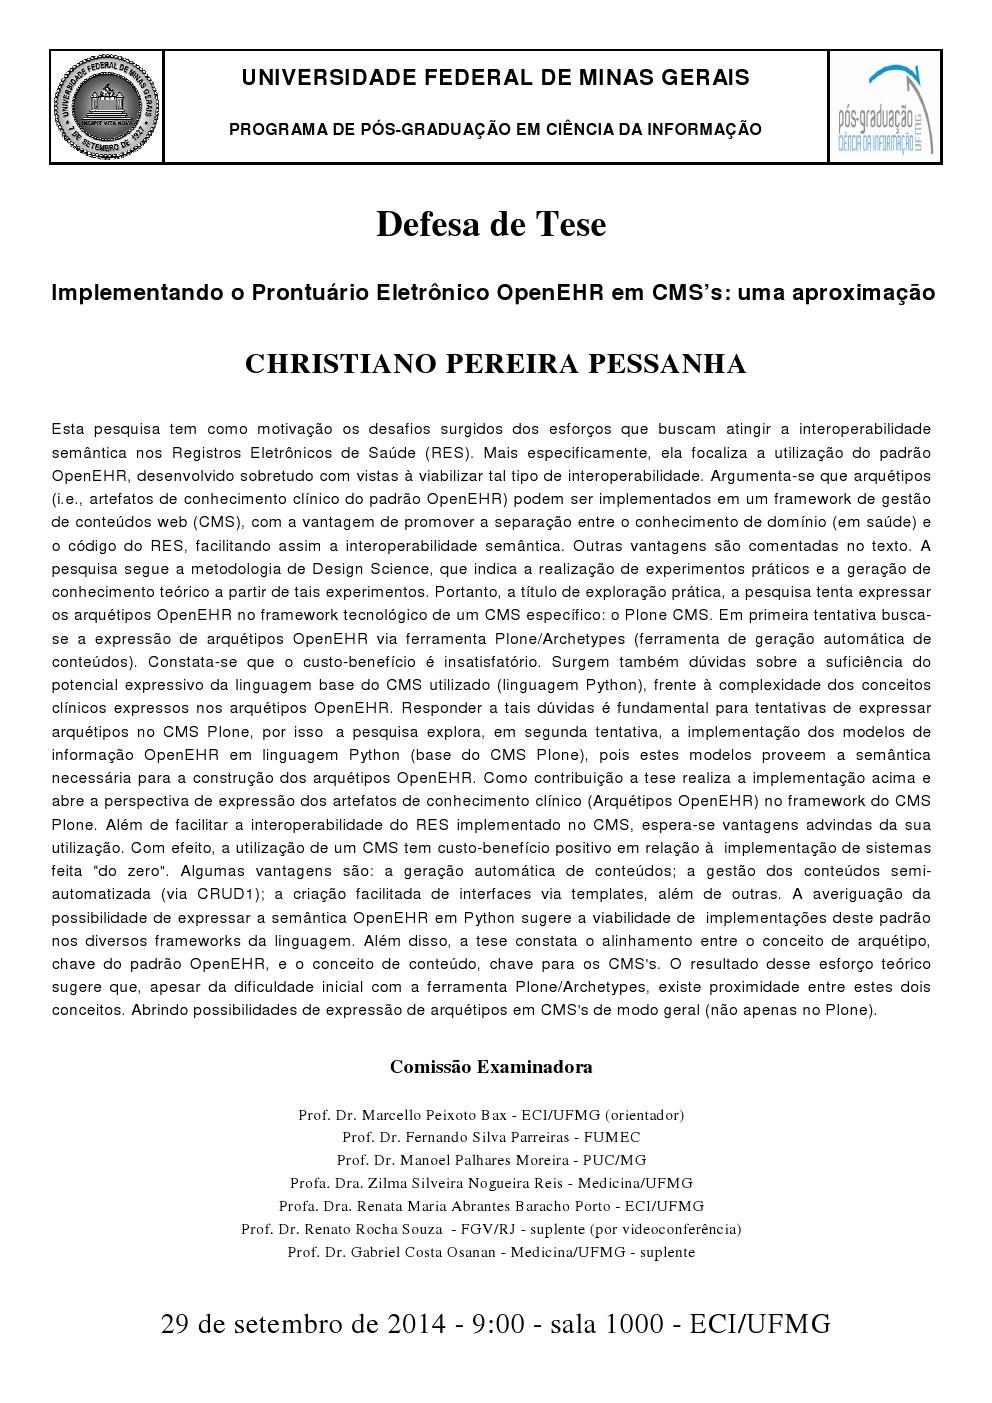 Defesa de Tese Christiano Pereira Pessanha